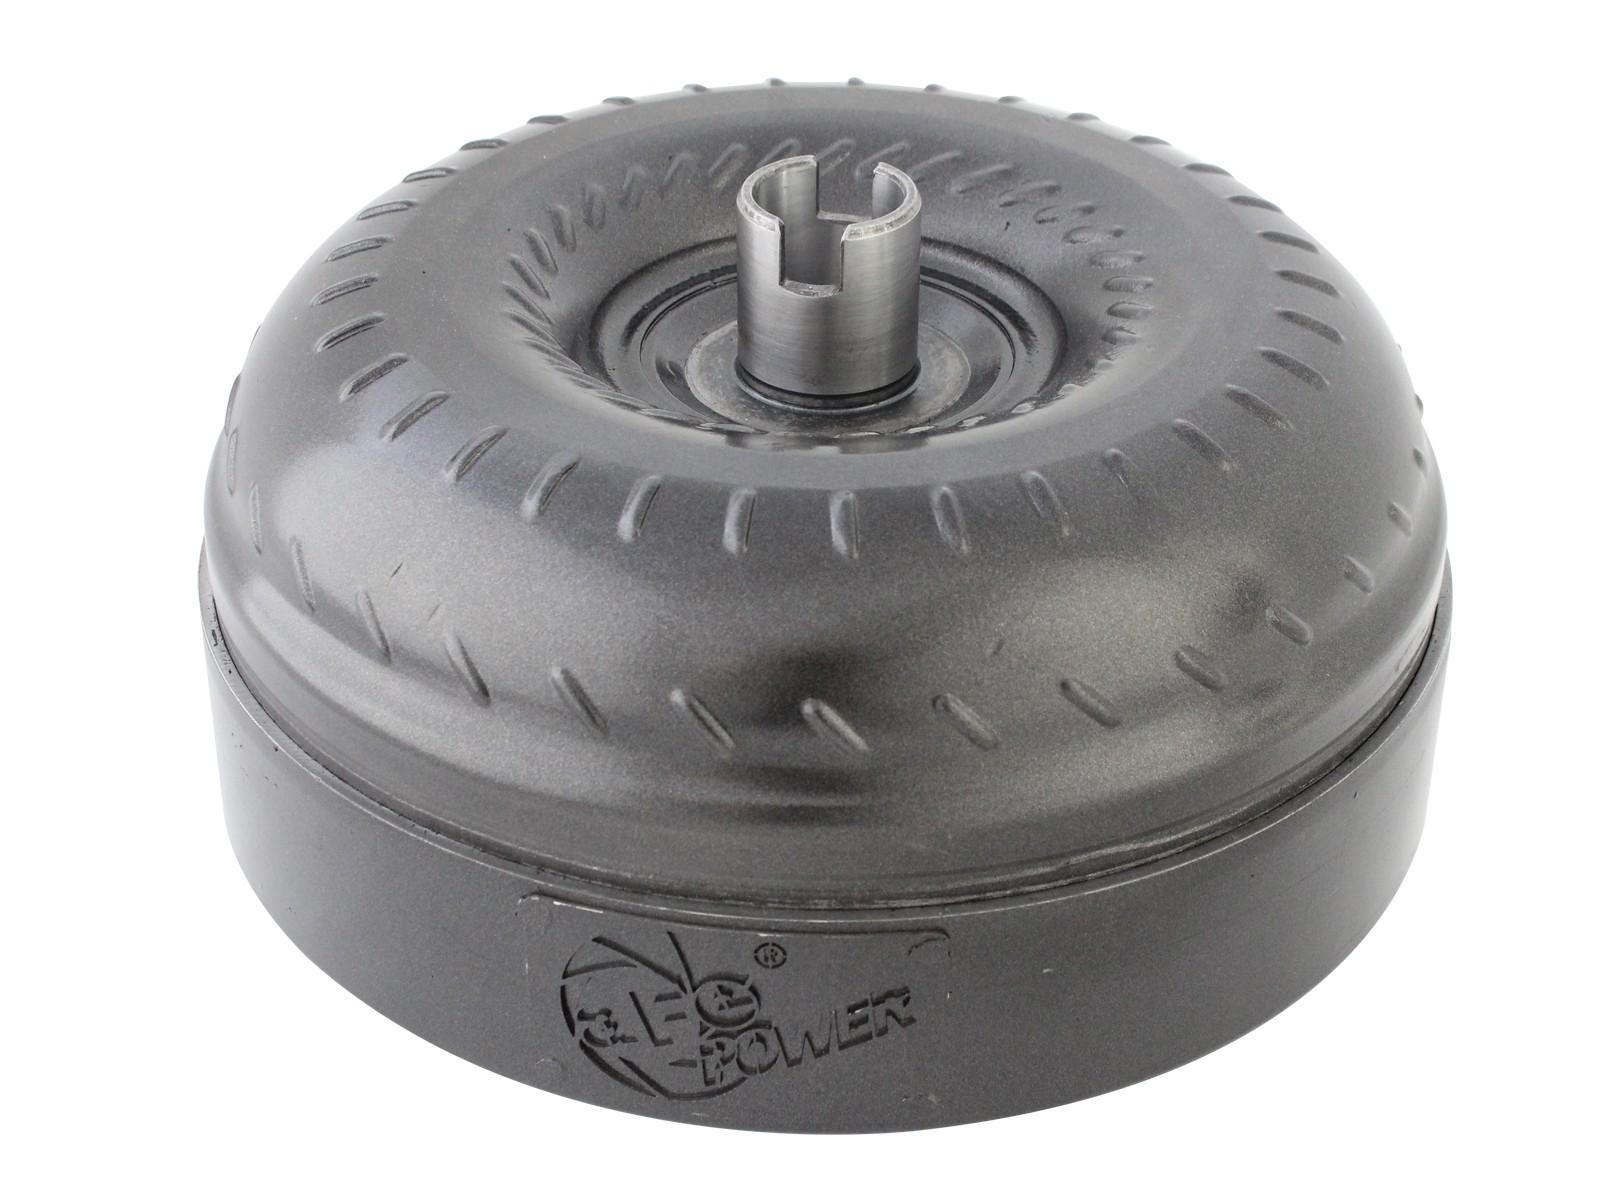 aFe POWER 43-14011 F3 Torque Converter 1200 Stall A1000